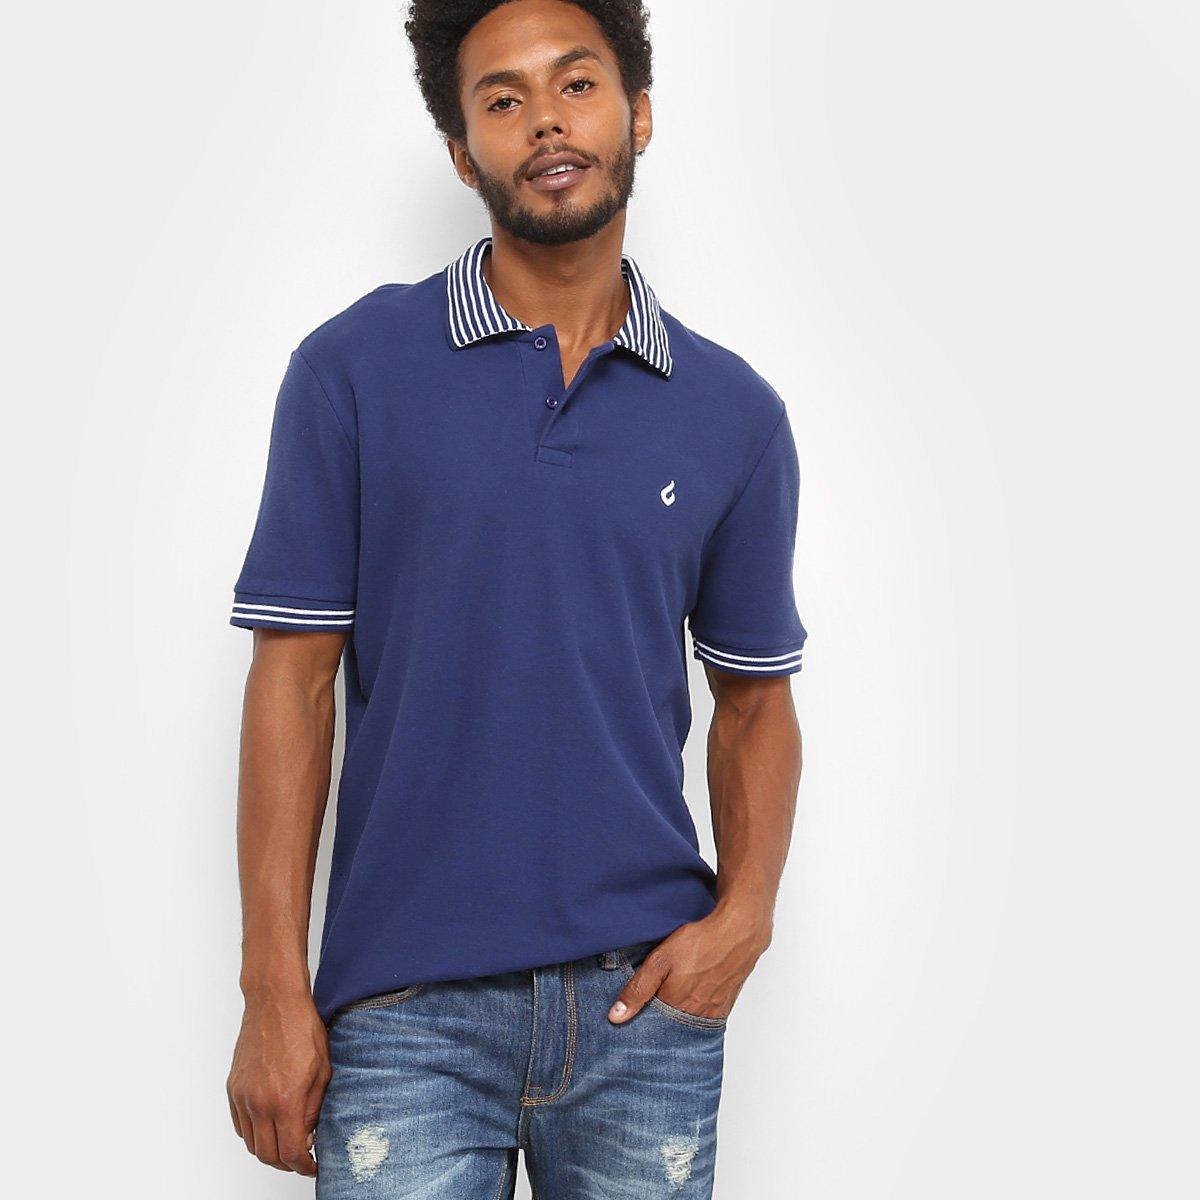 4349c8c1d6 Camisa Polo Burn Striped Masculina - Marinho - Compre Agora